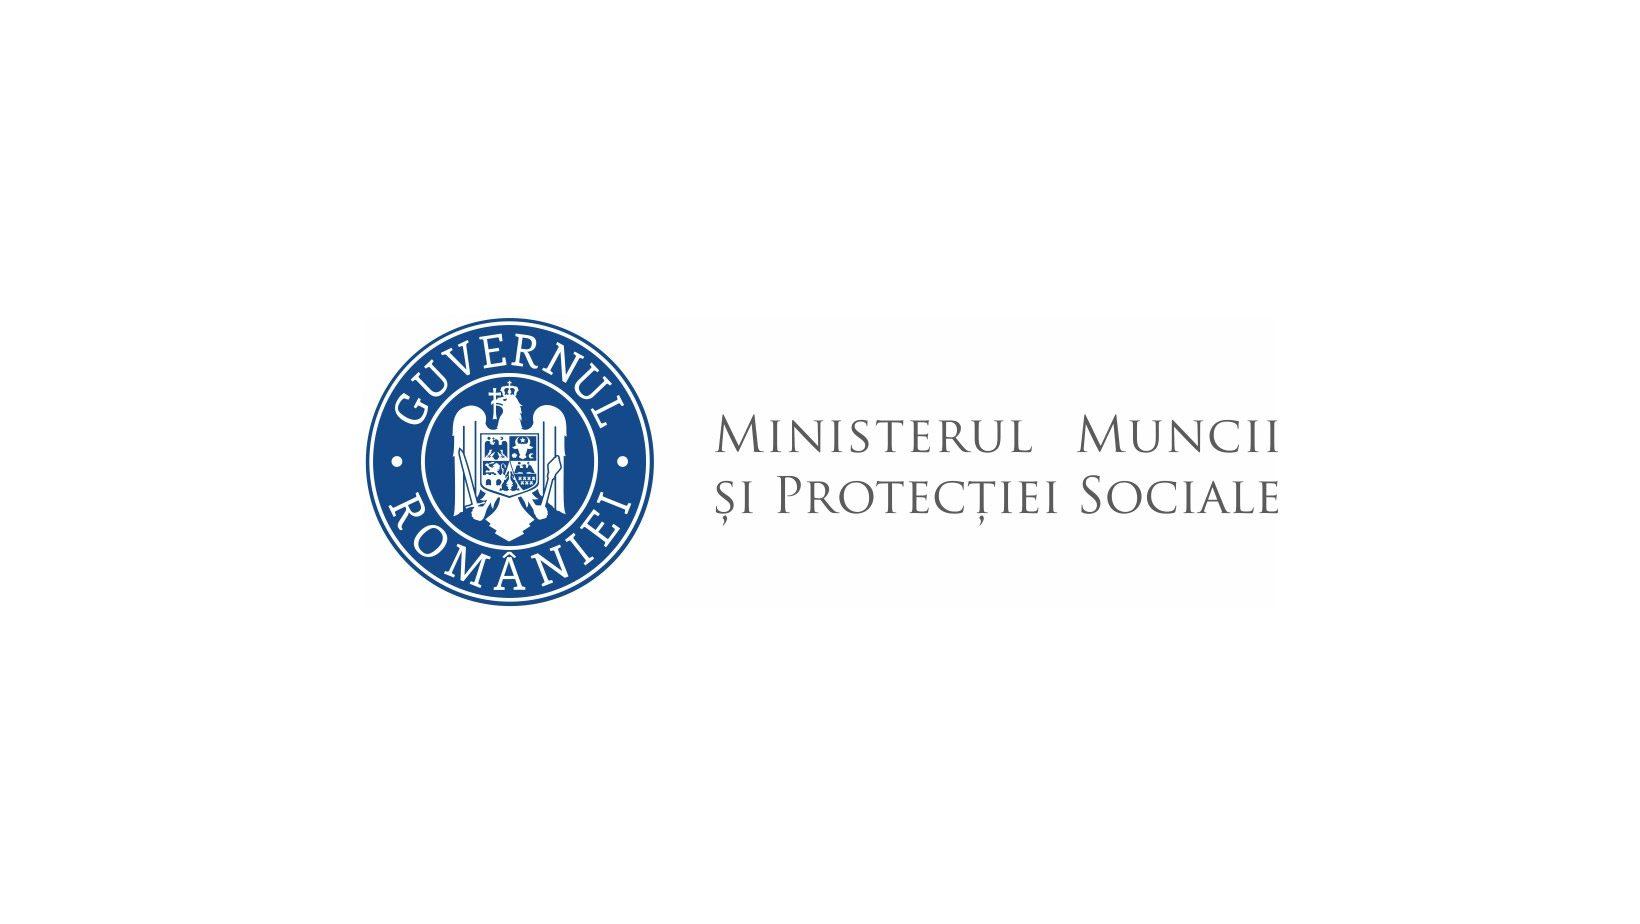 img-ministerul-muncii